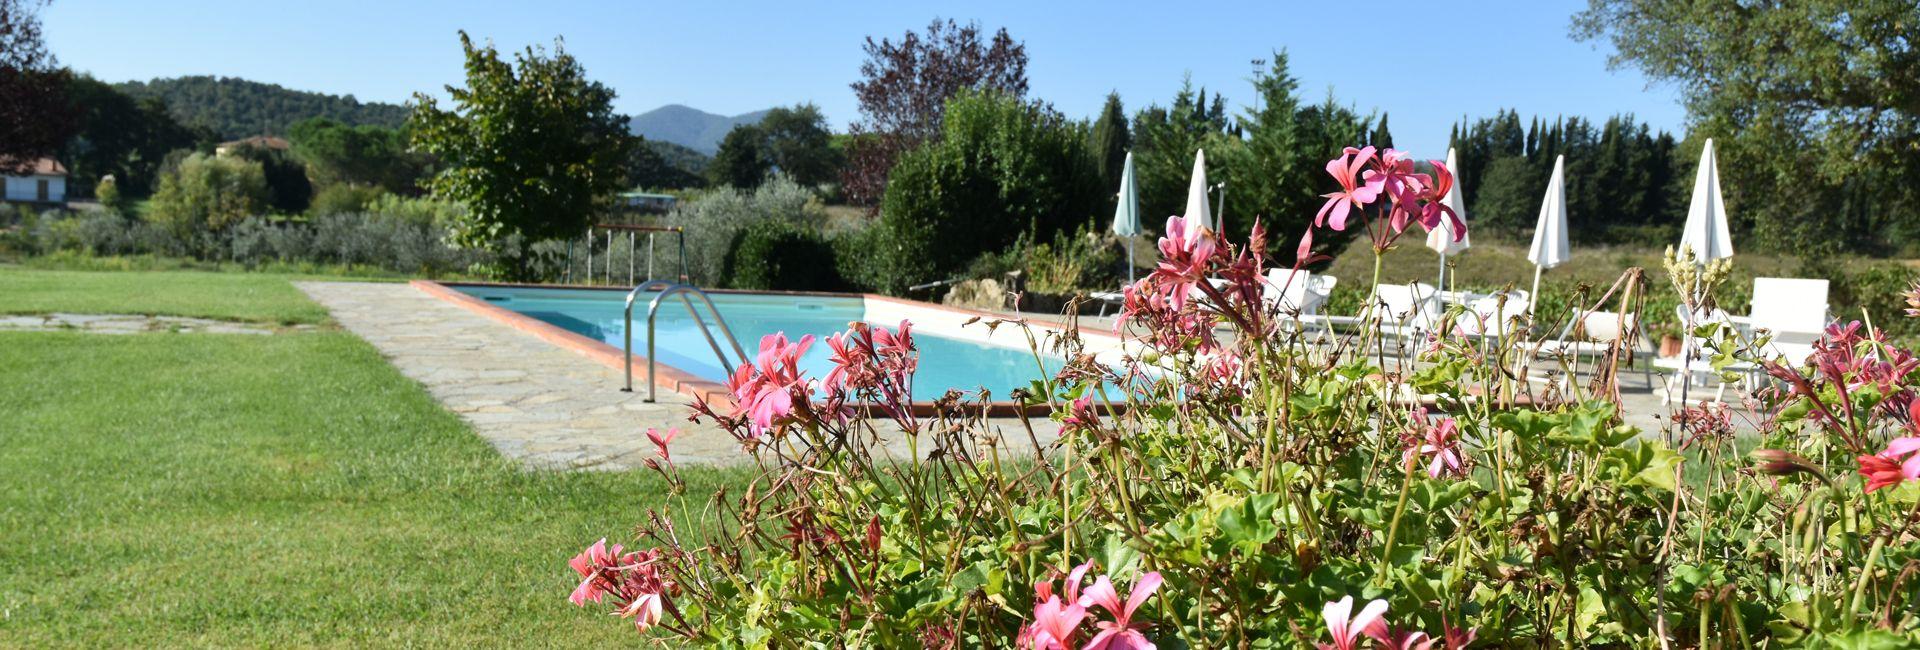 Agriturismo piscina Toscana mare